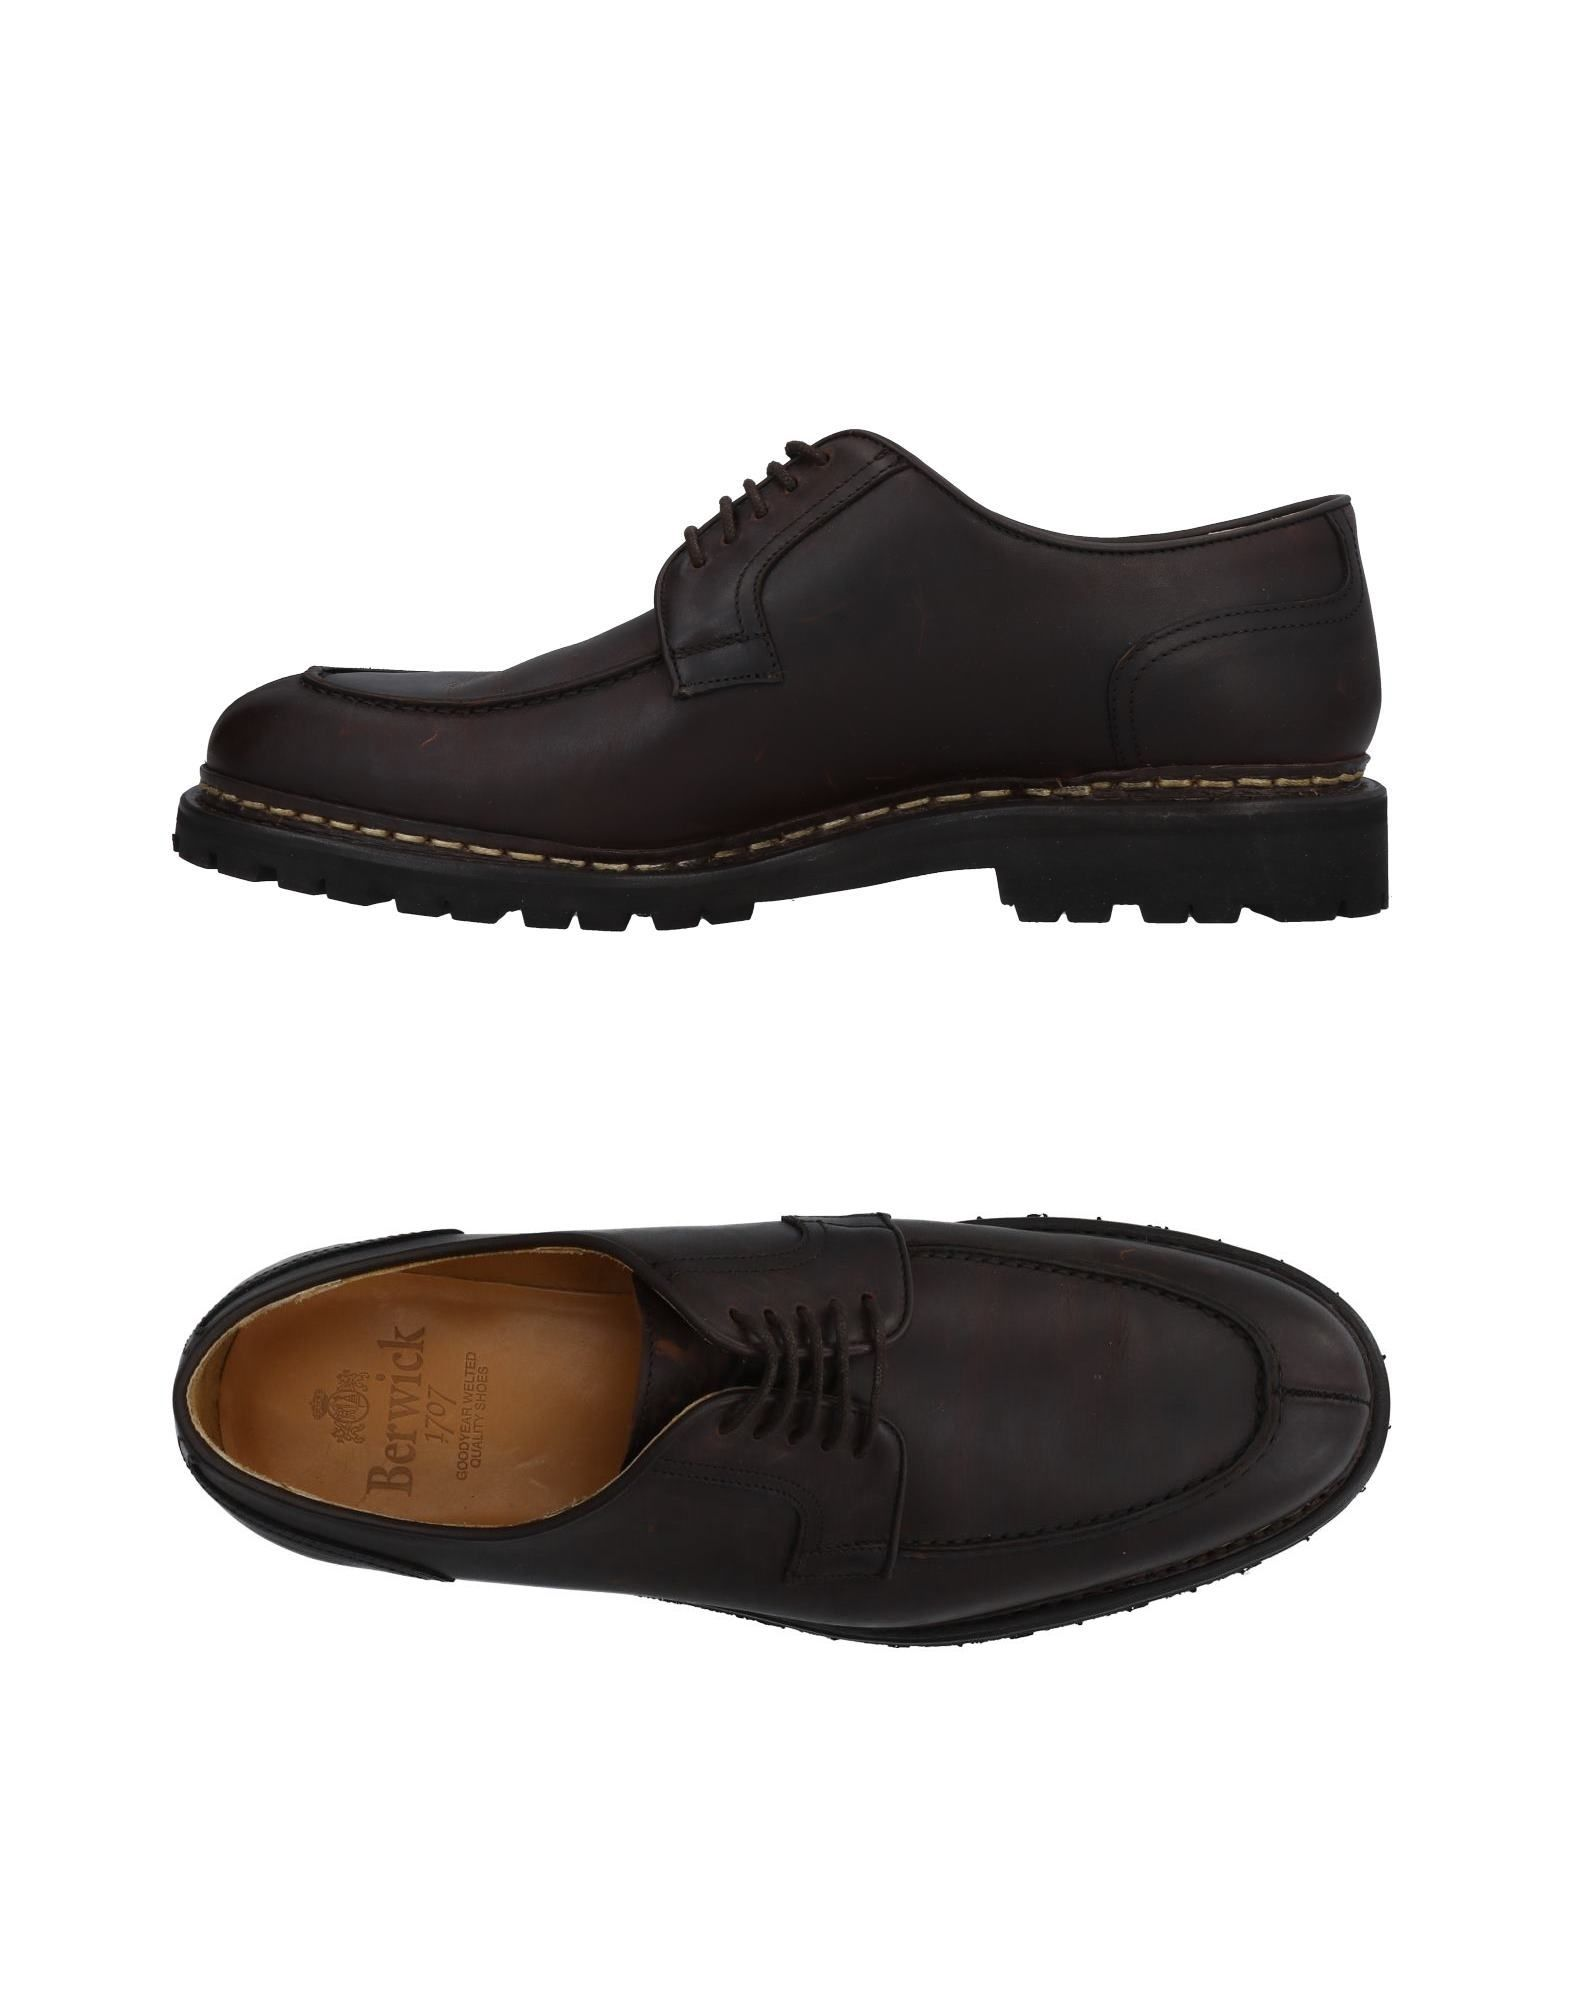 Rabatt echte Schuhe Berwick  1707 Schnürschuhe Herren   Herren 11486257VM 2b0f5a